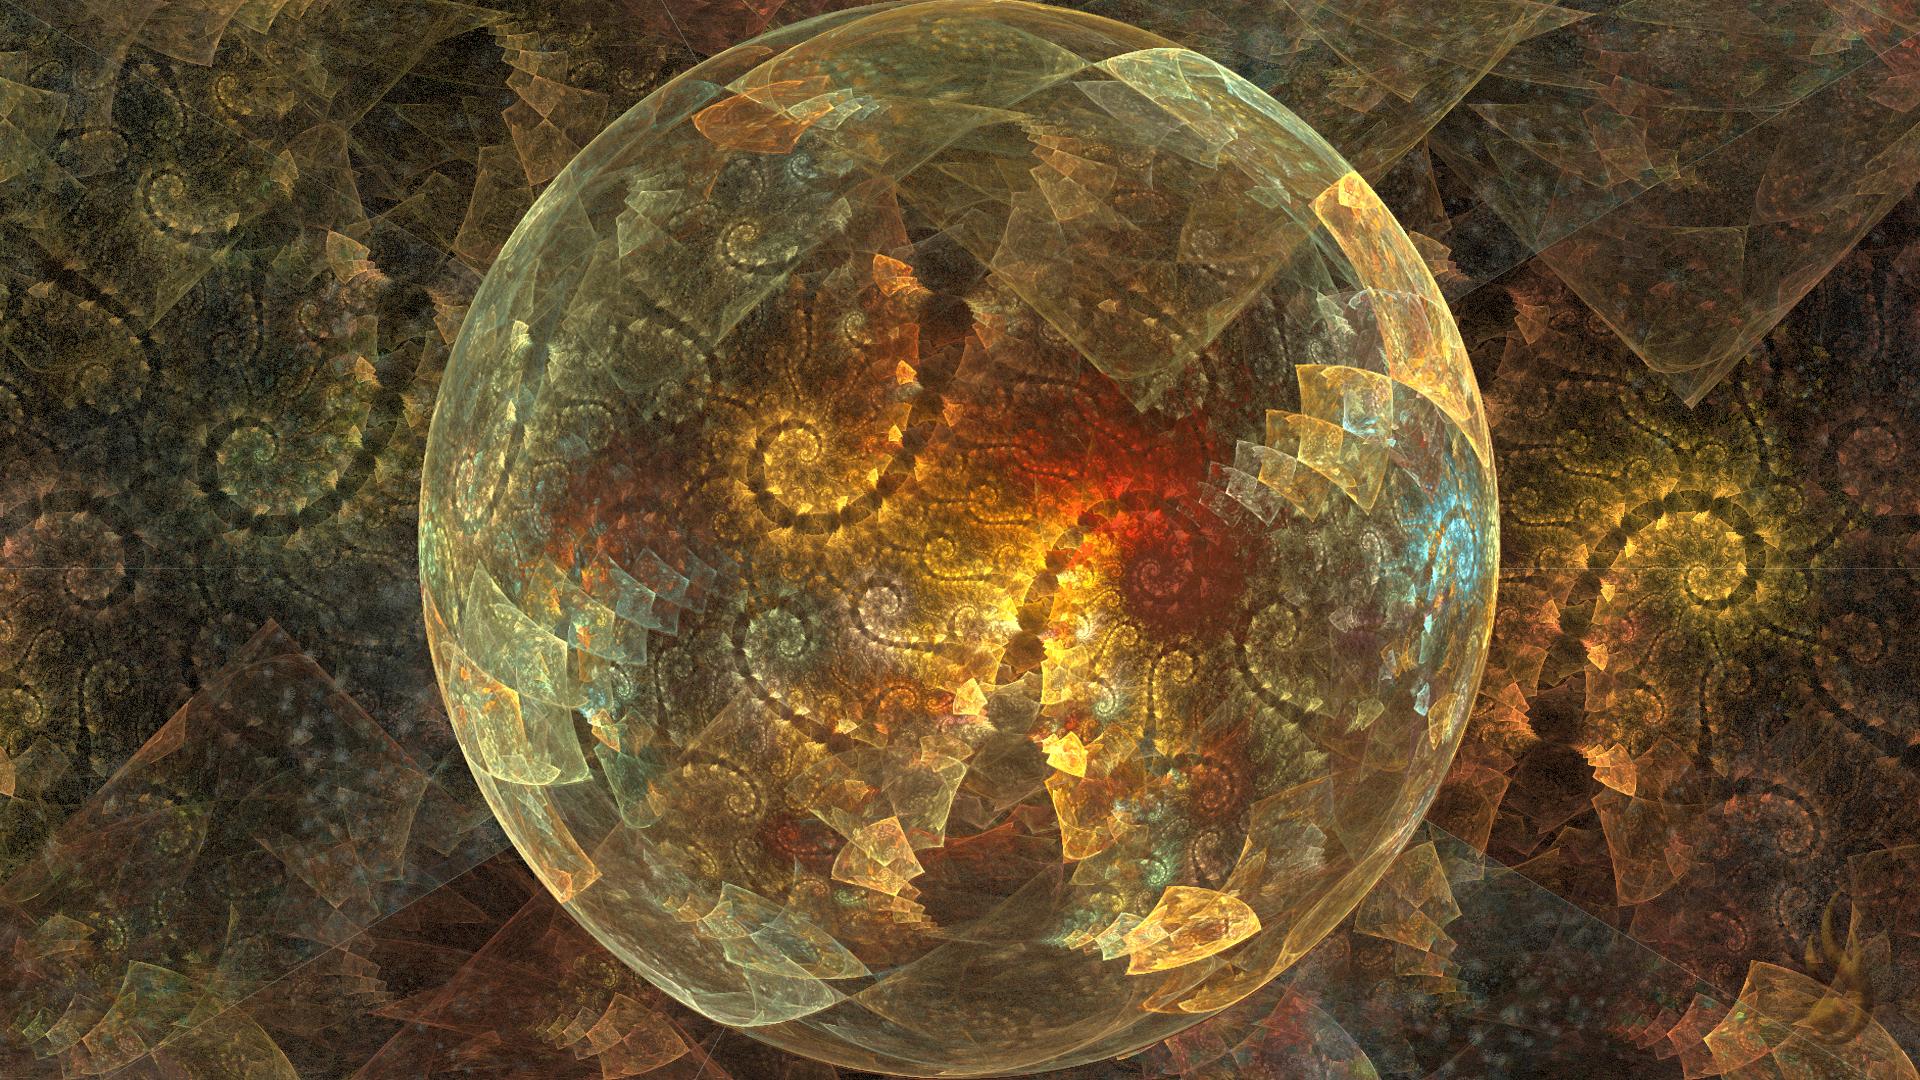 cilisphere